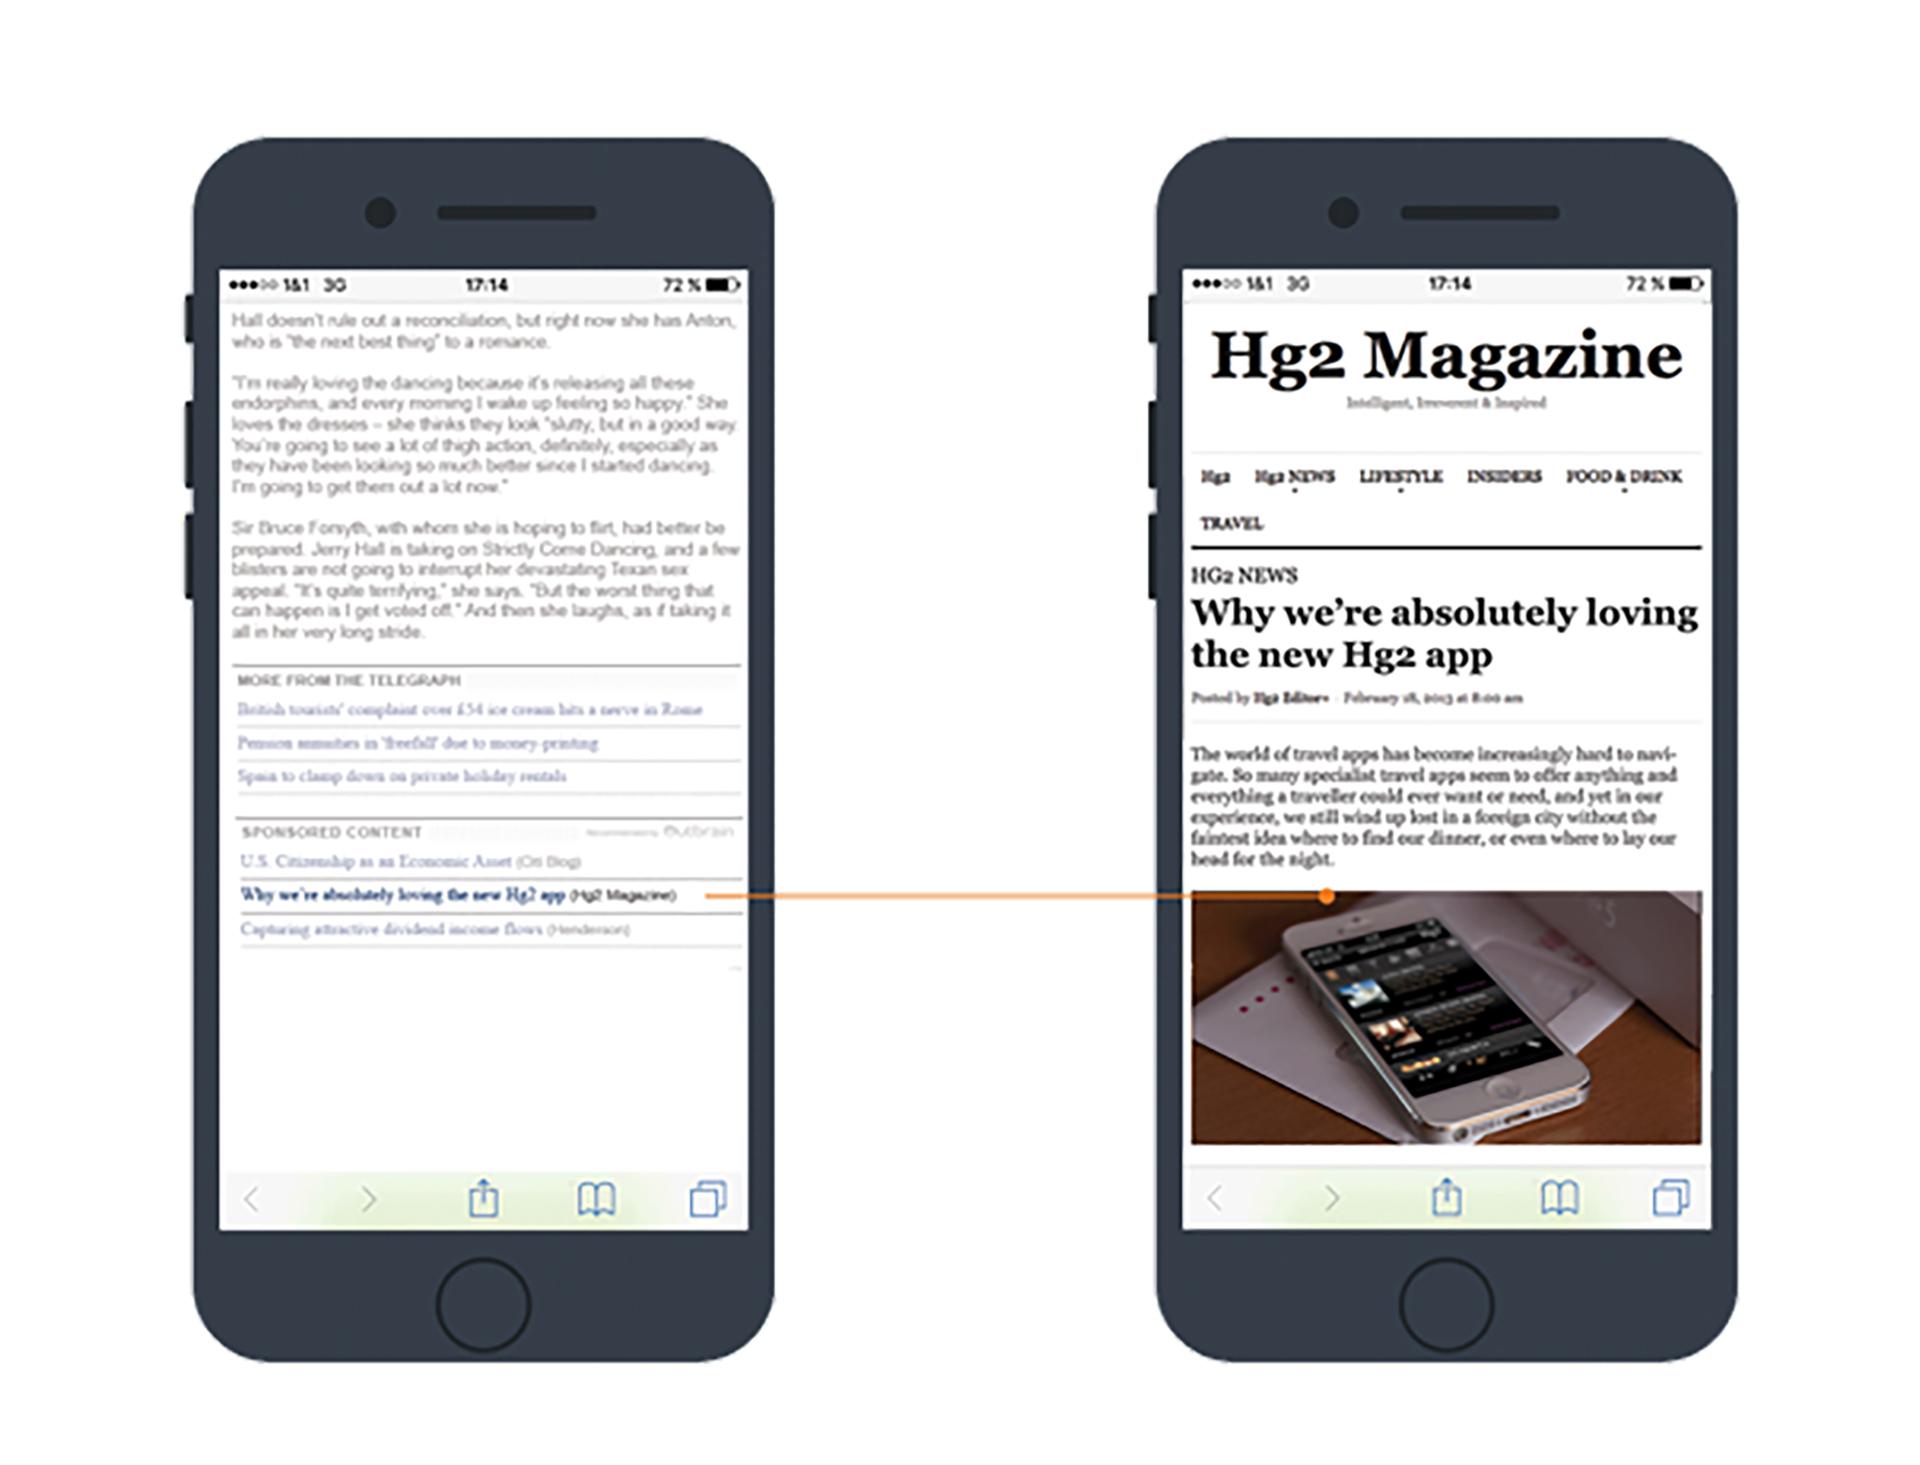 Hg2 magazine mobile